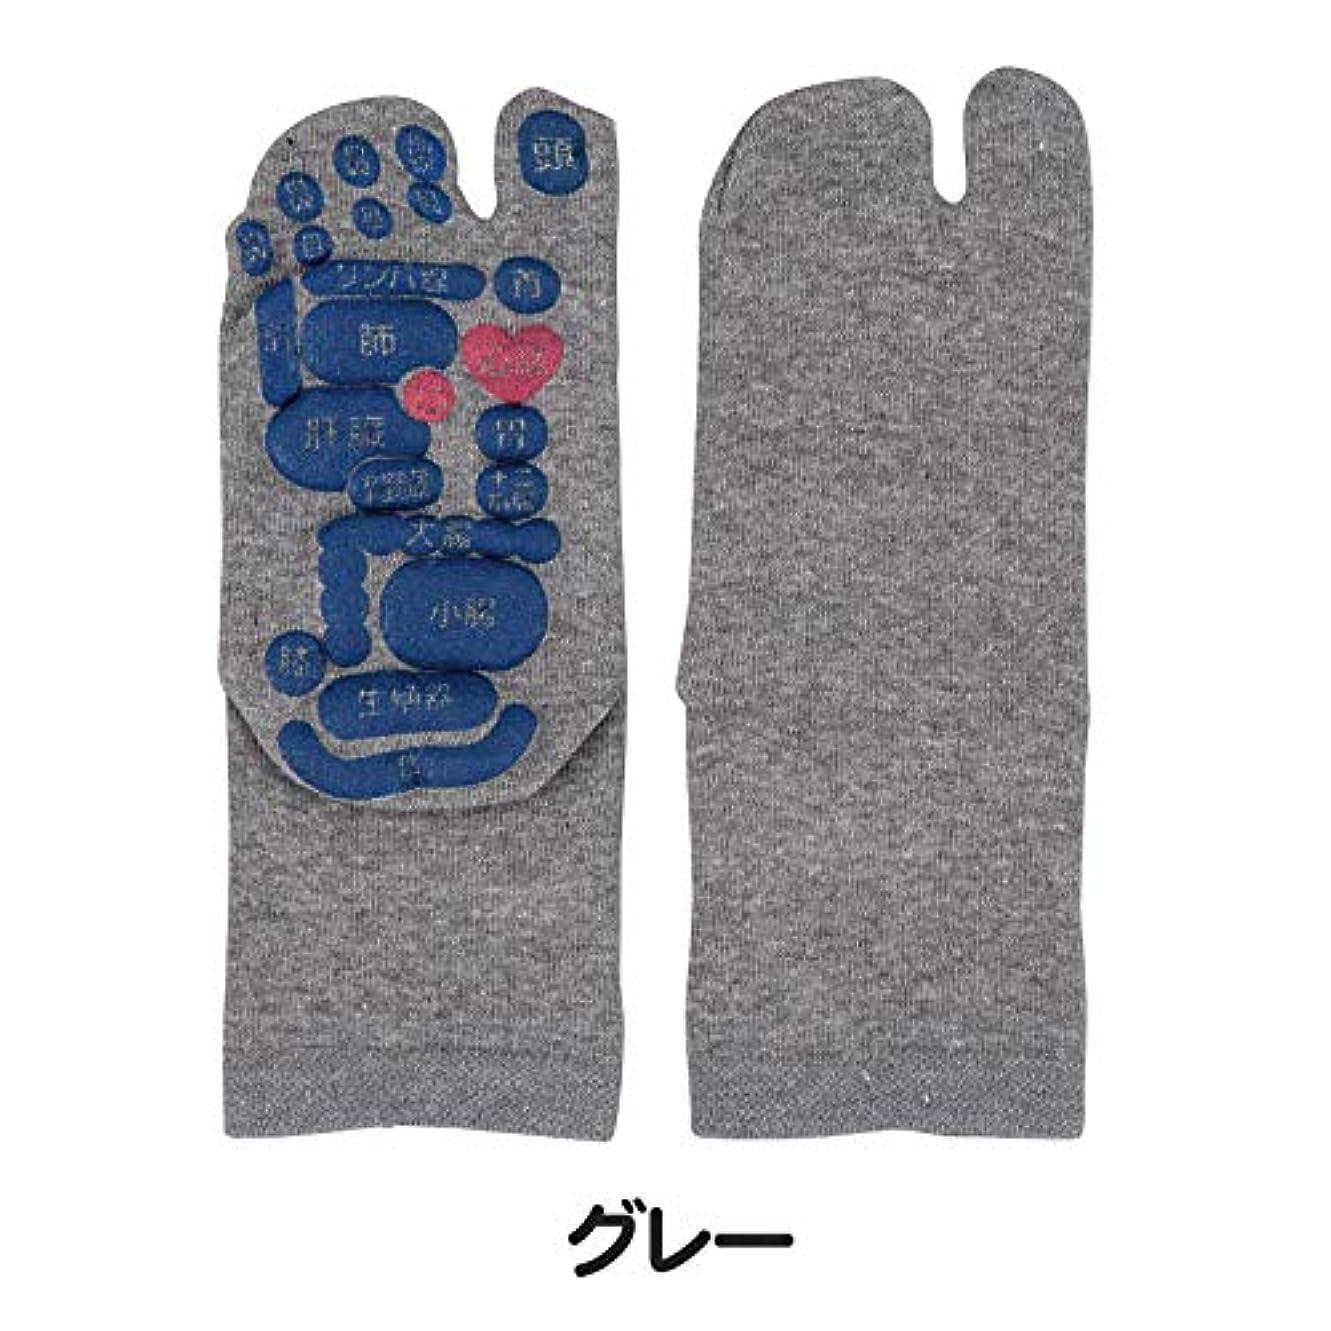 つぼマップ 足袋ソックス グレー 22-25cm